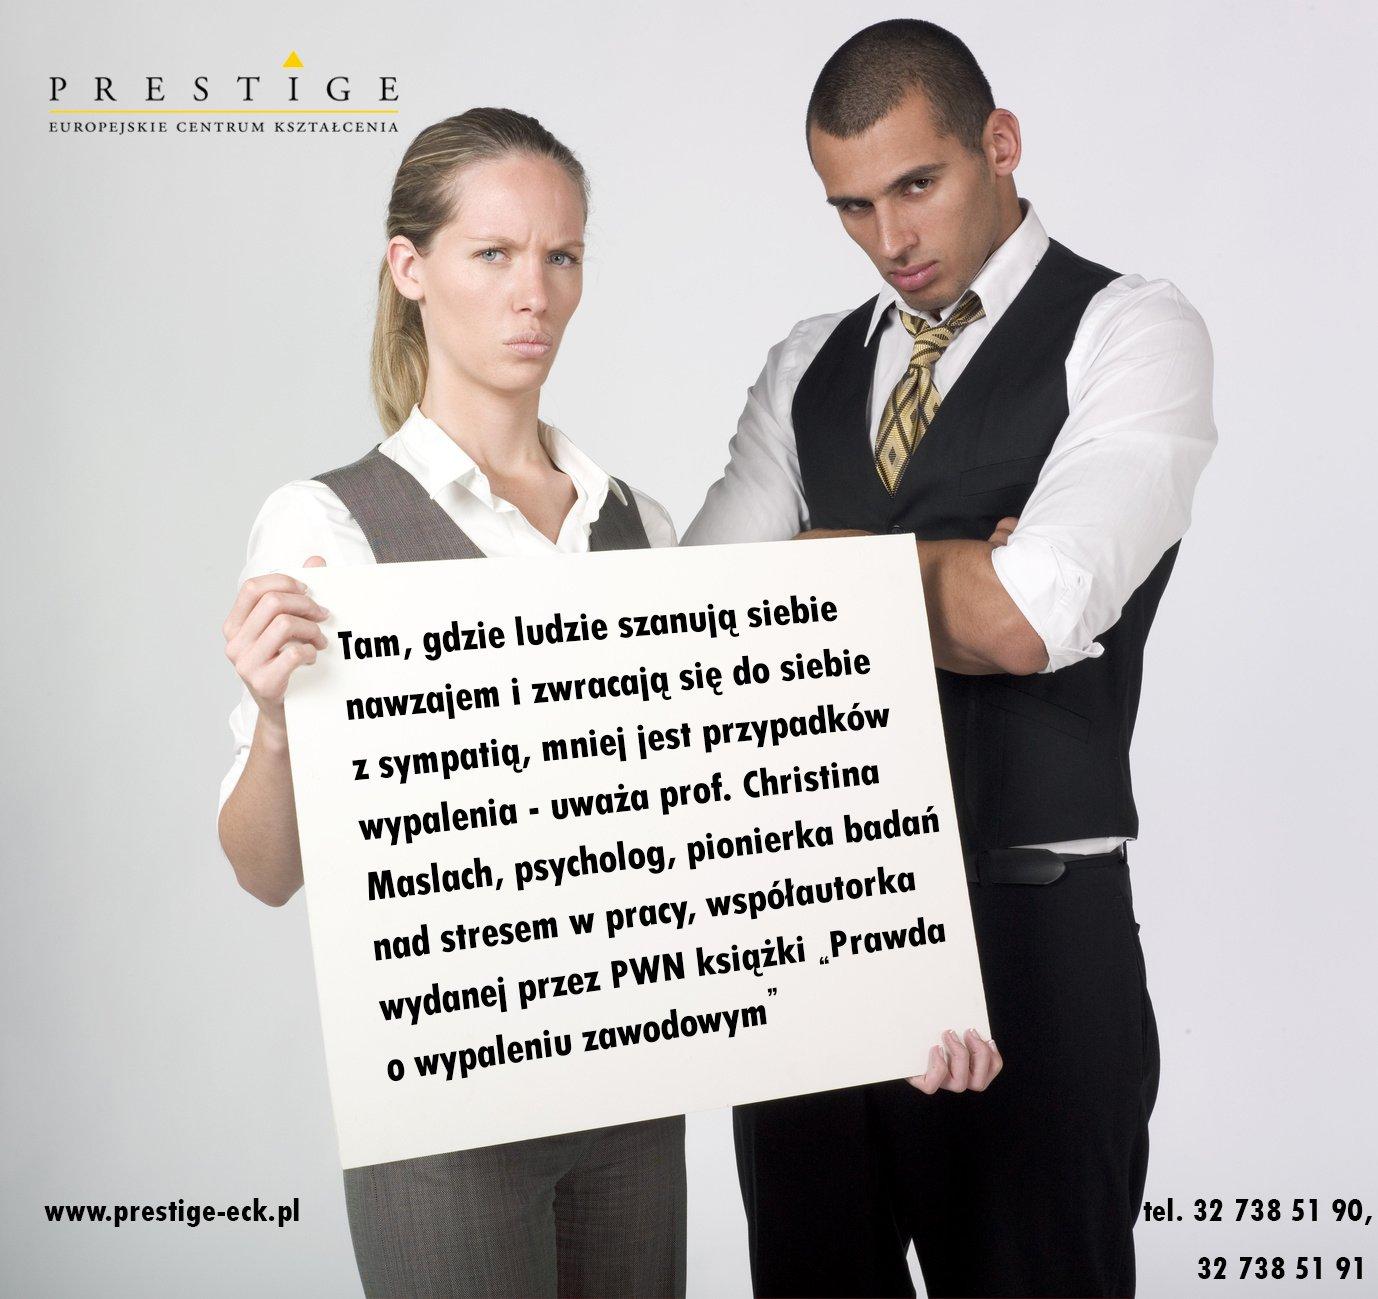 jeune couple panneau revendication soldes